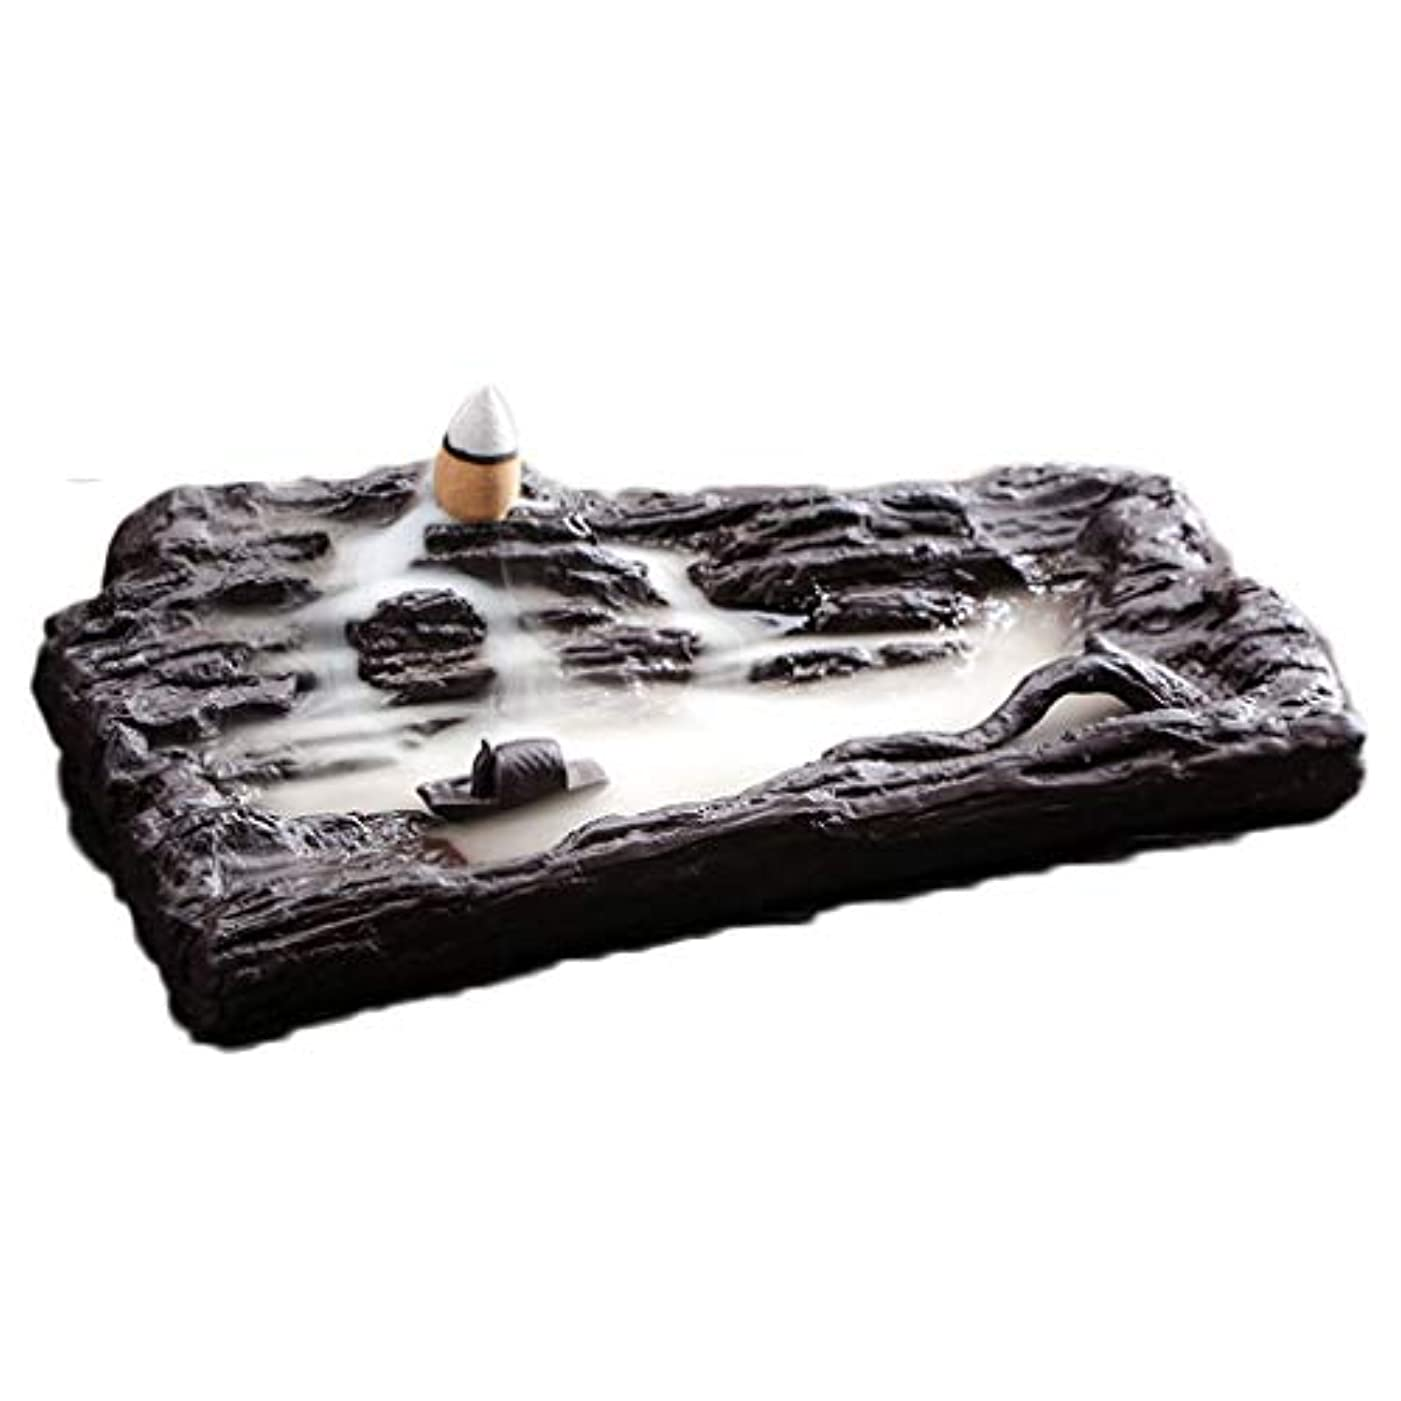 海り優先権芳香器?アロマバーナー レトロな懐かしい香炉紫砂香バーナー屋内茶道香バーナーアロマセラピー炉 アロマバーナー (Color : Purple sand)